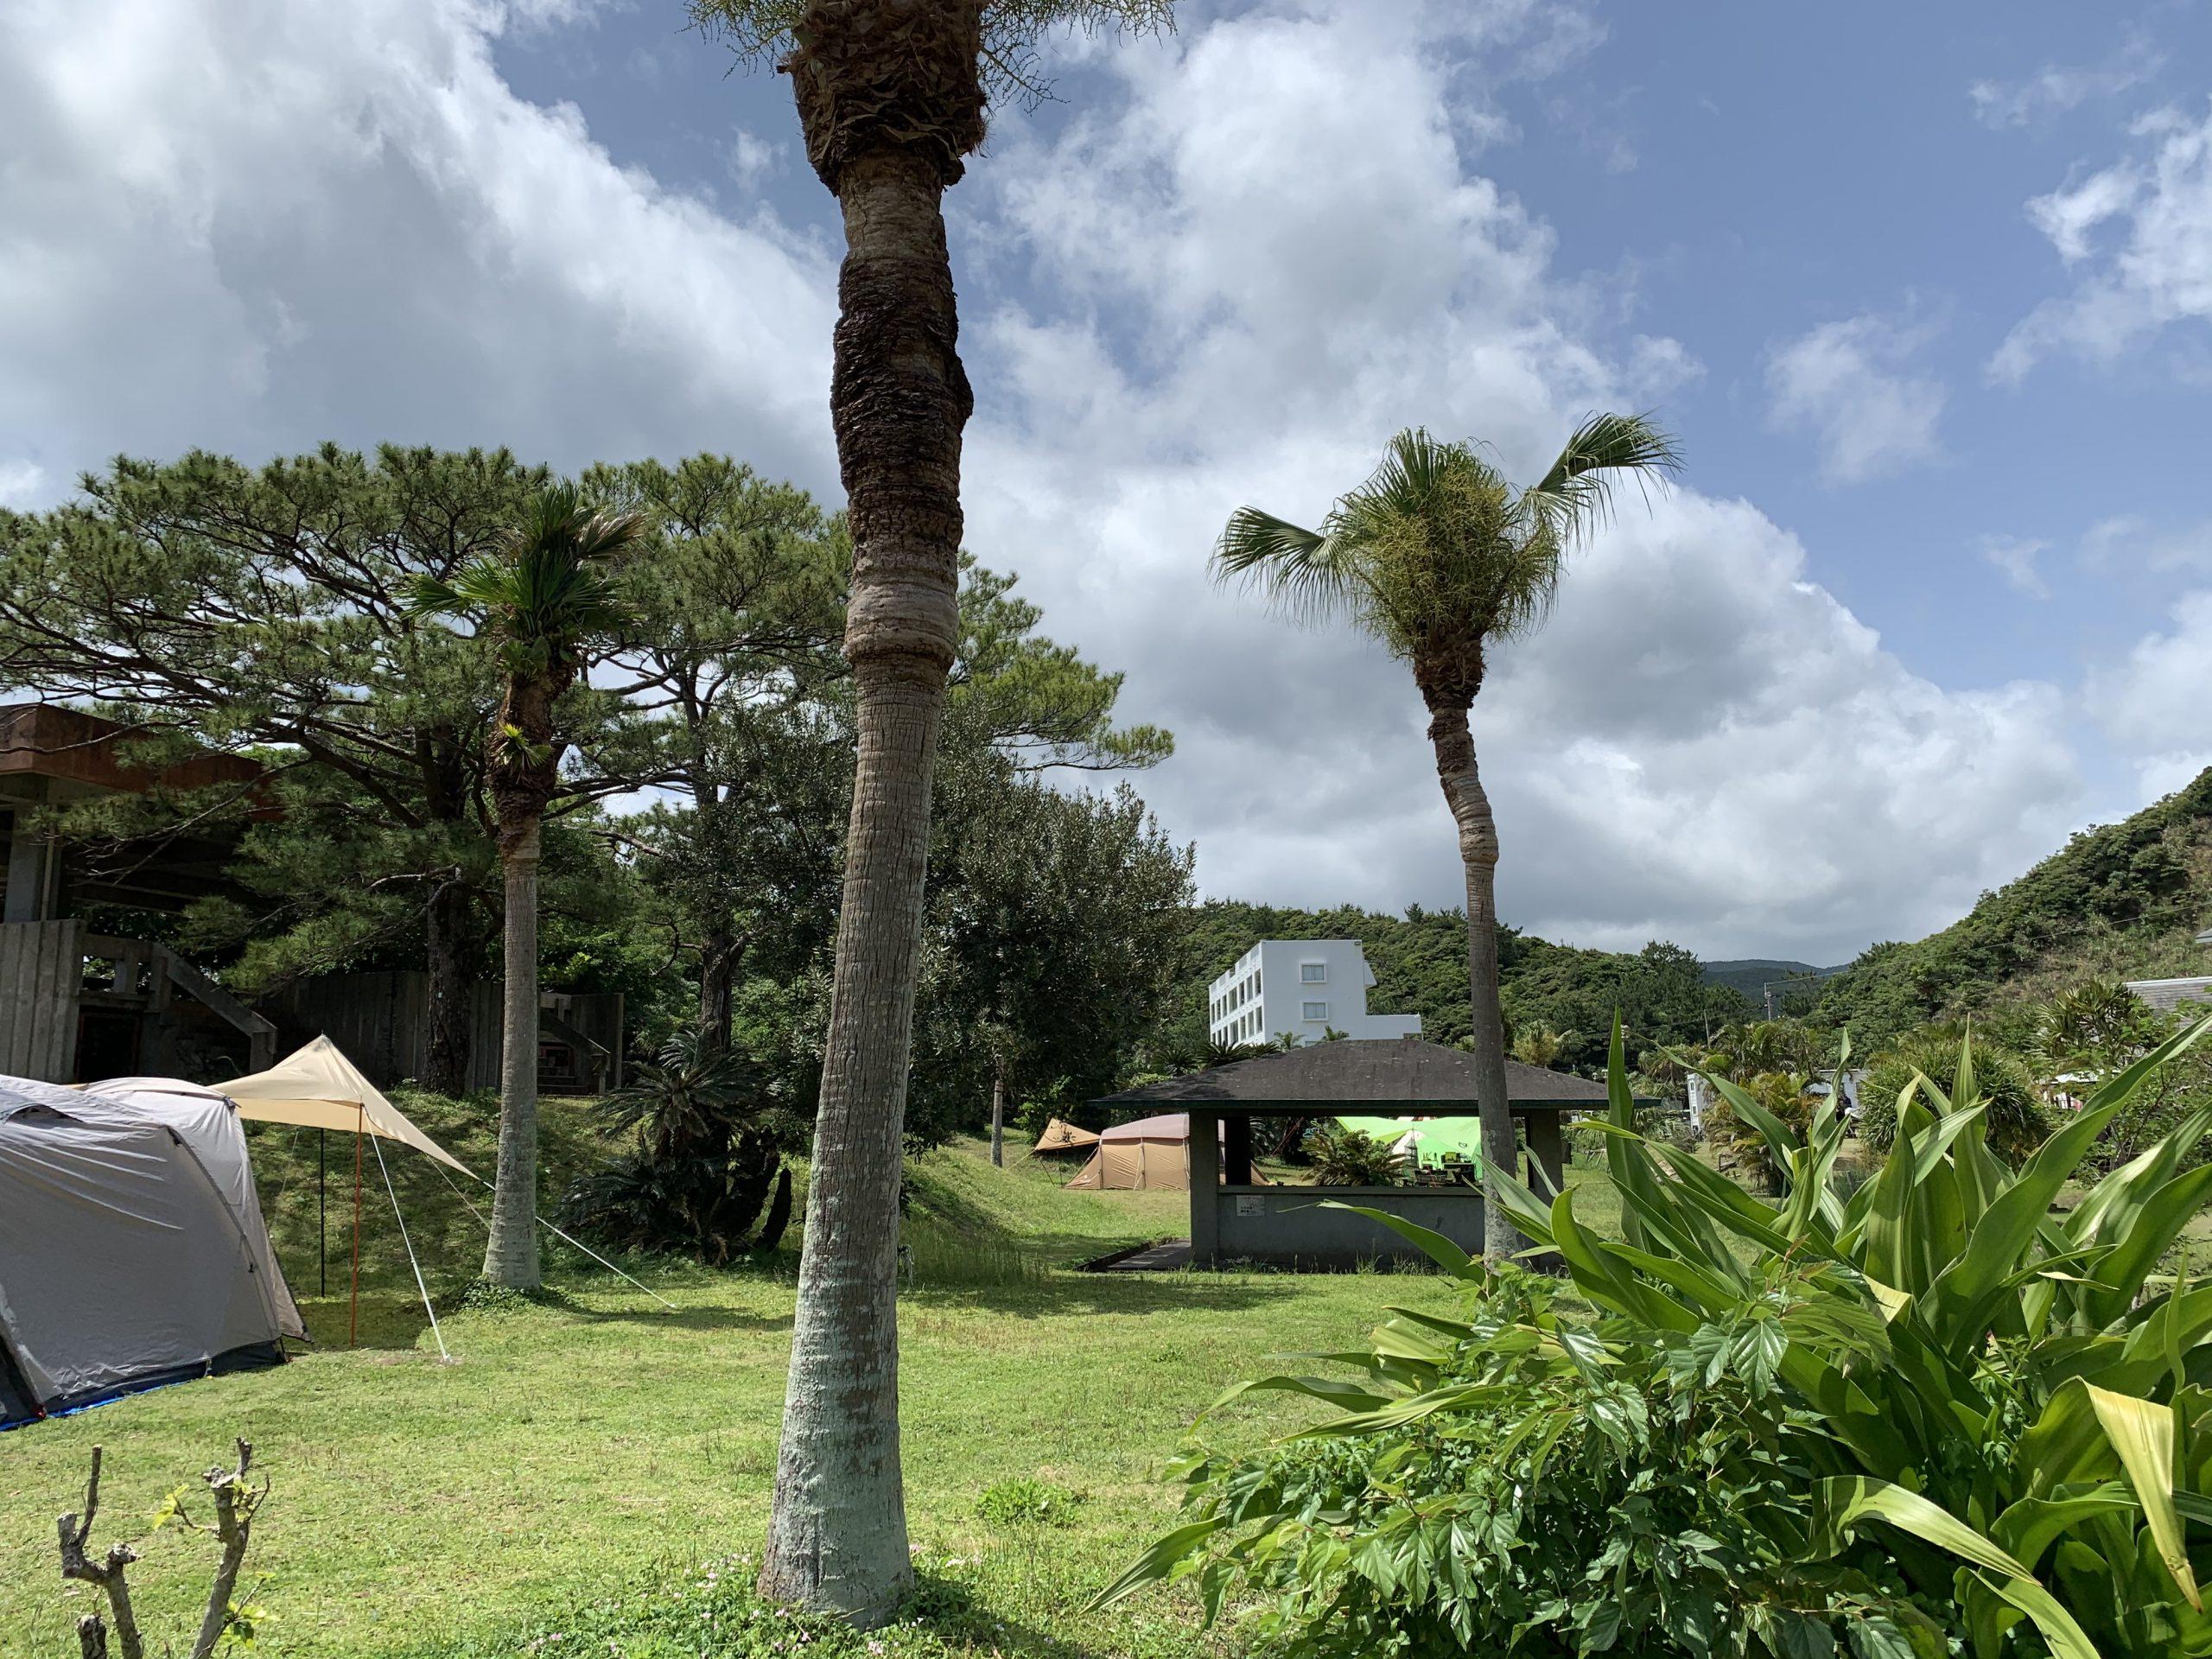 ヤドリ浜キャンプ場 -奄美大島- 離島エリア イメージ画像